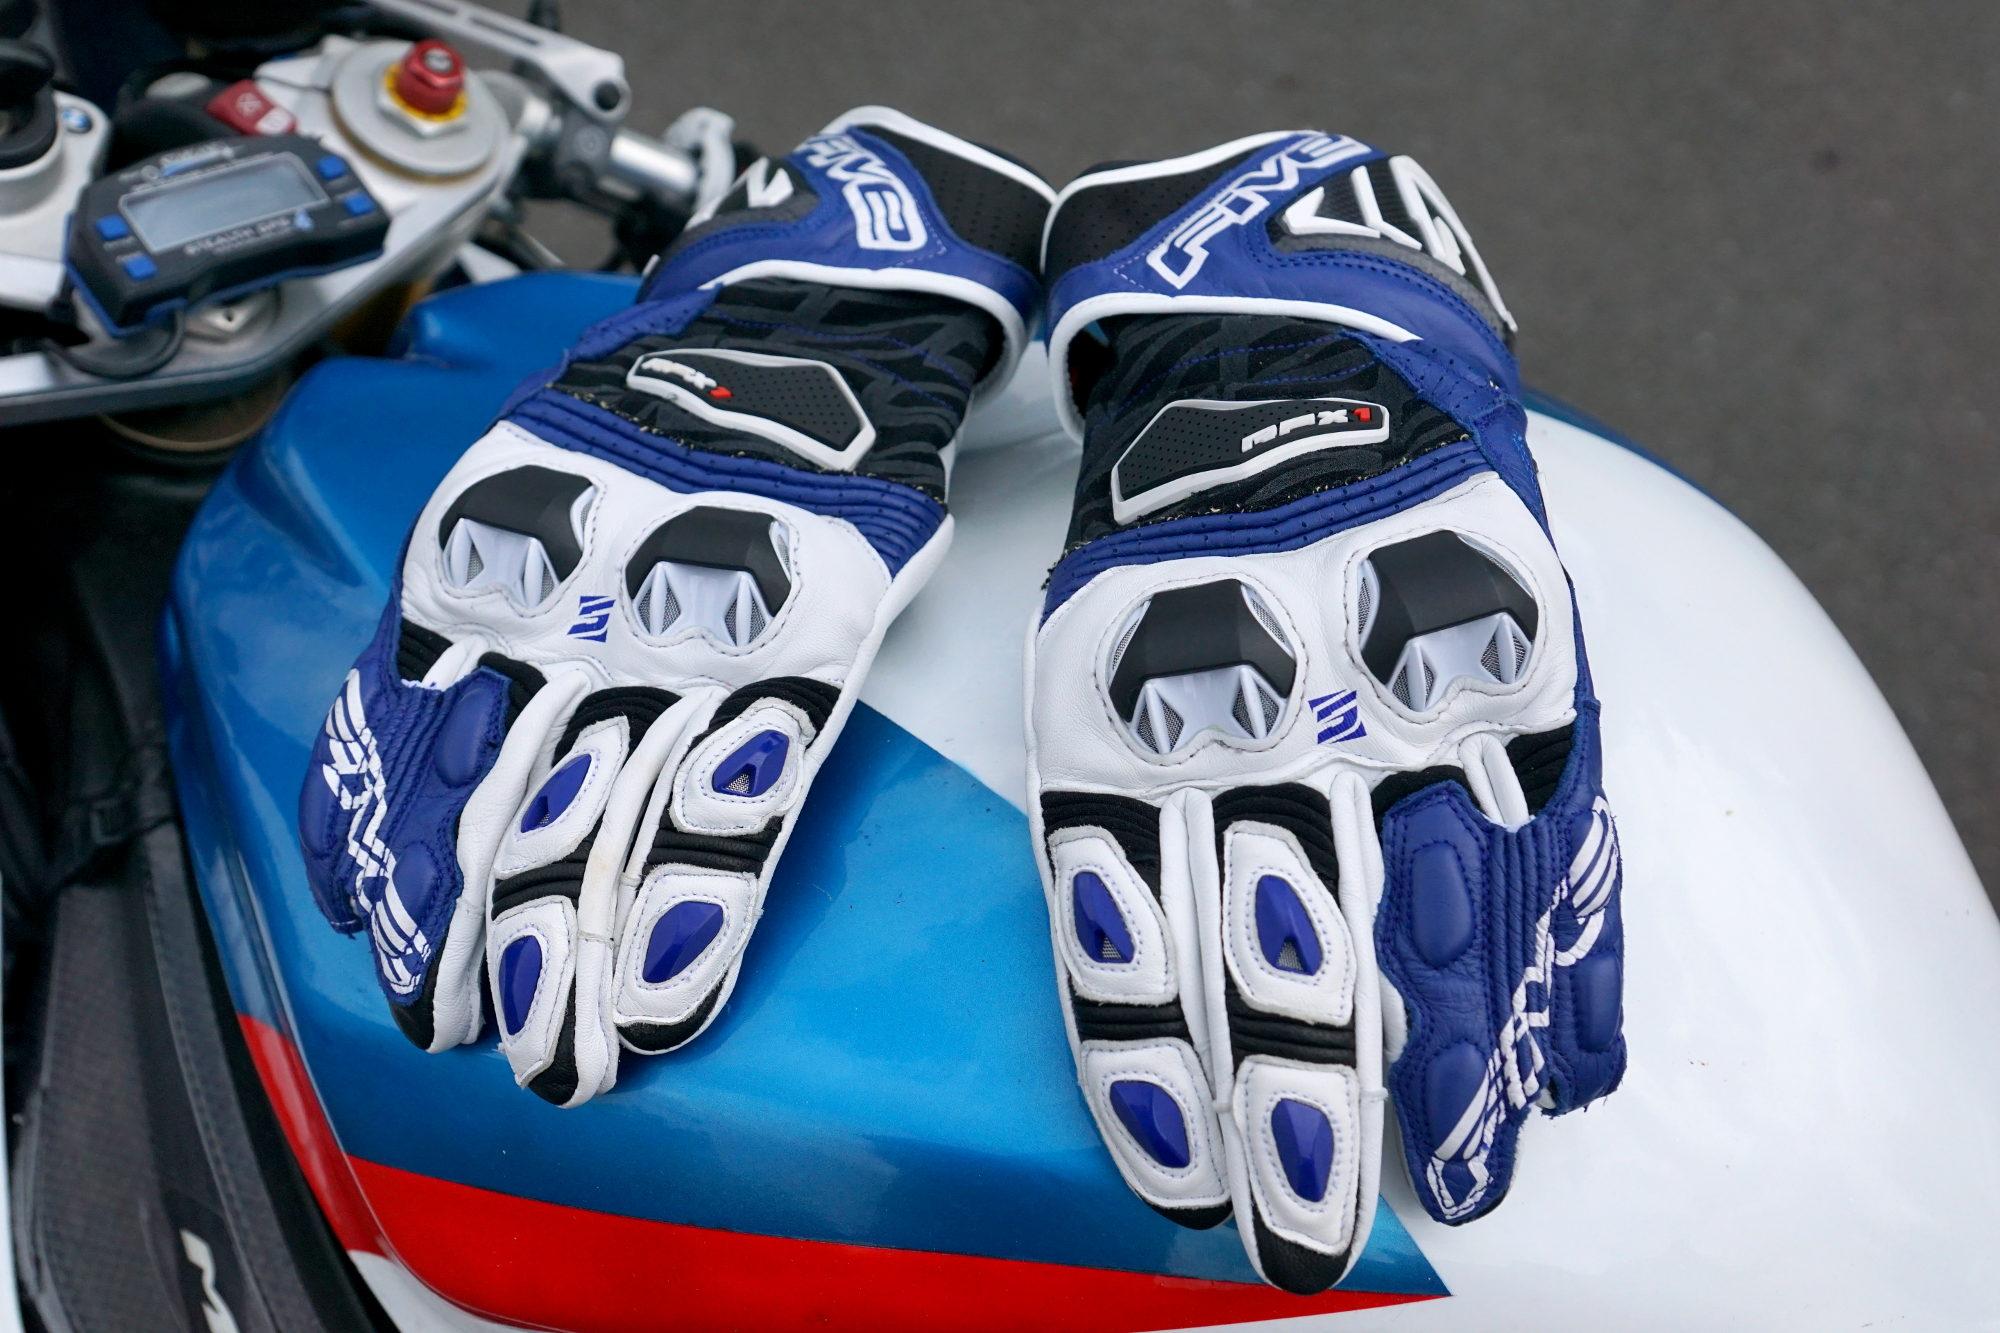 El Cinco de RFX 1, los guantes ofrecen el mejor ajuste de los que yo